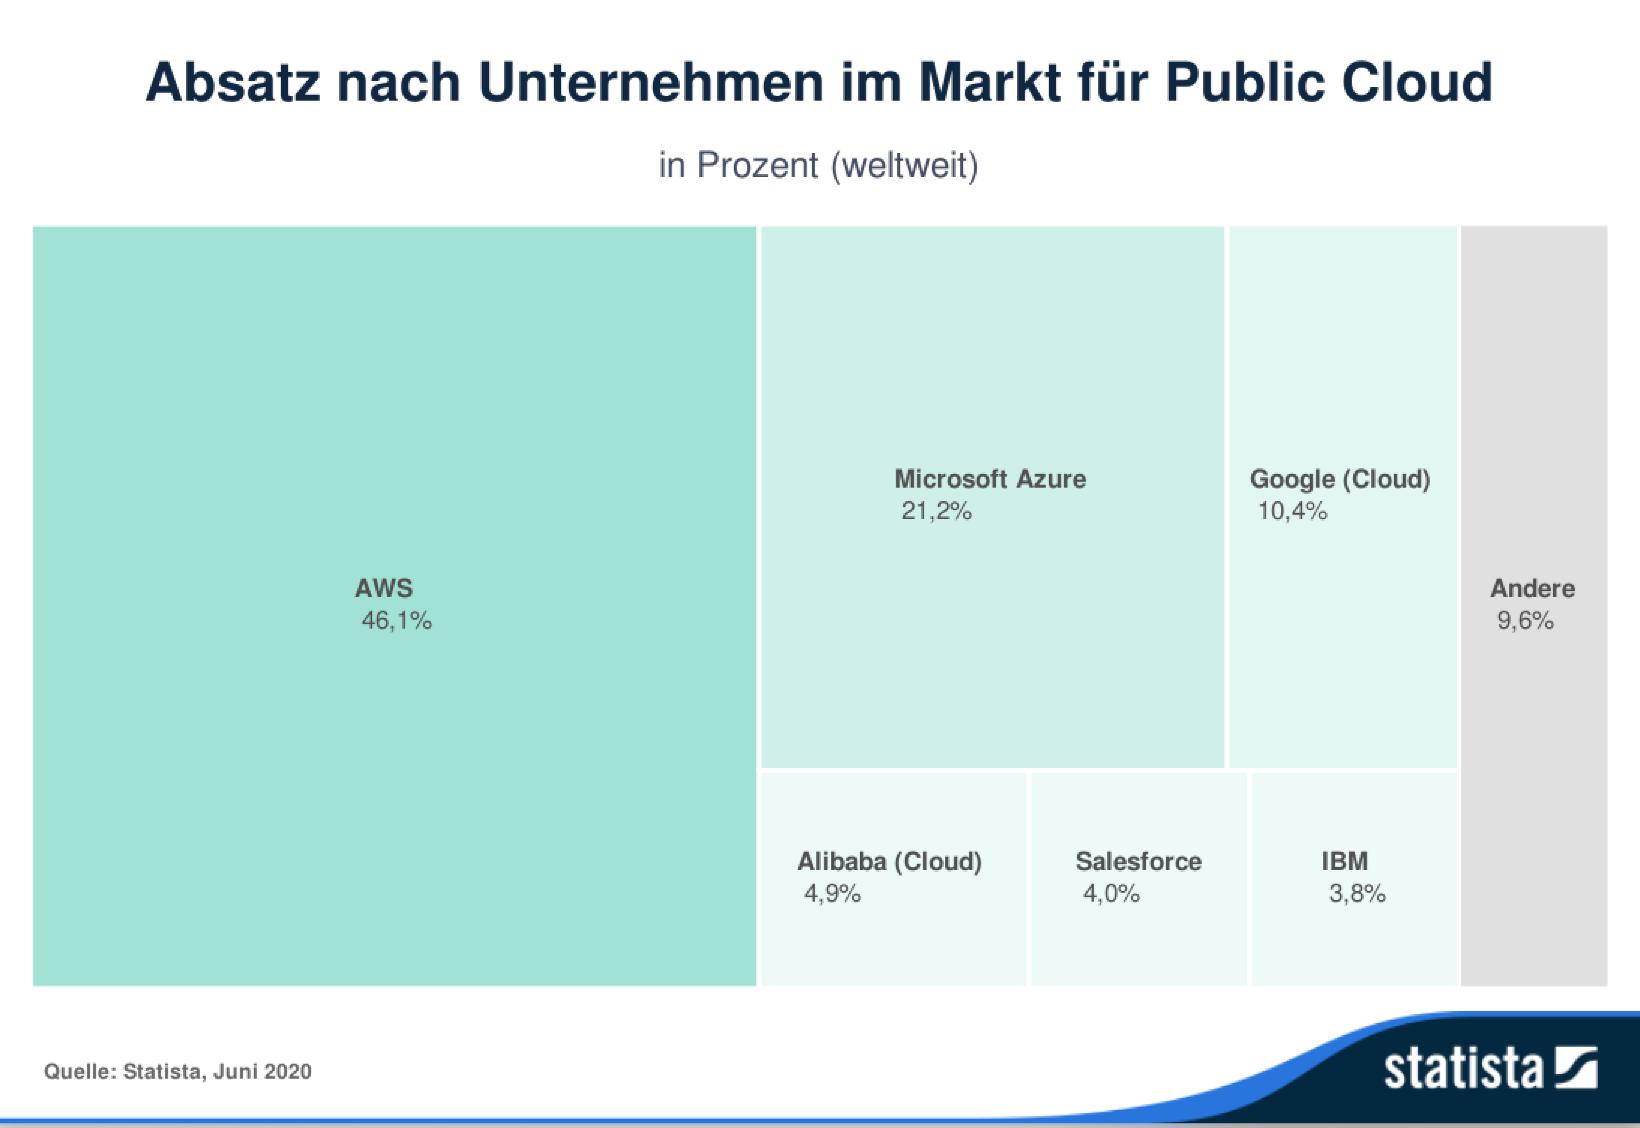 Enorme Abhängigkeit bei der Public Cloud: Die drei größten US-Anbieter alleine machen über drei Viertel des Absatzes weltweit aus.